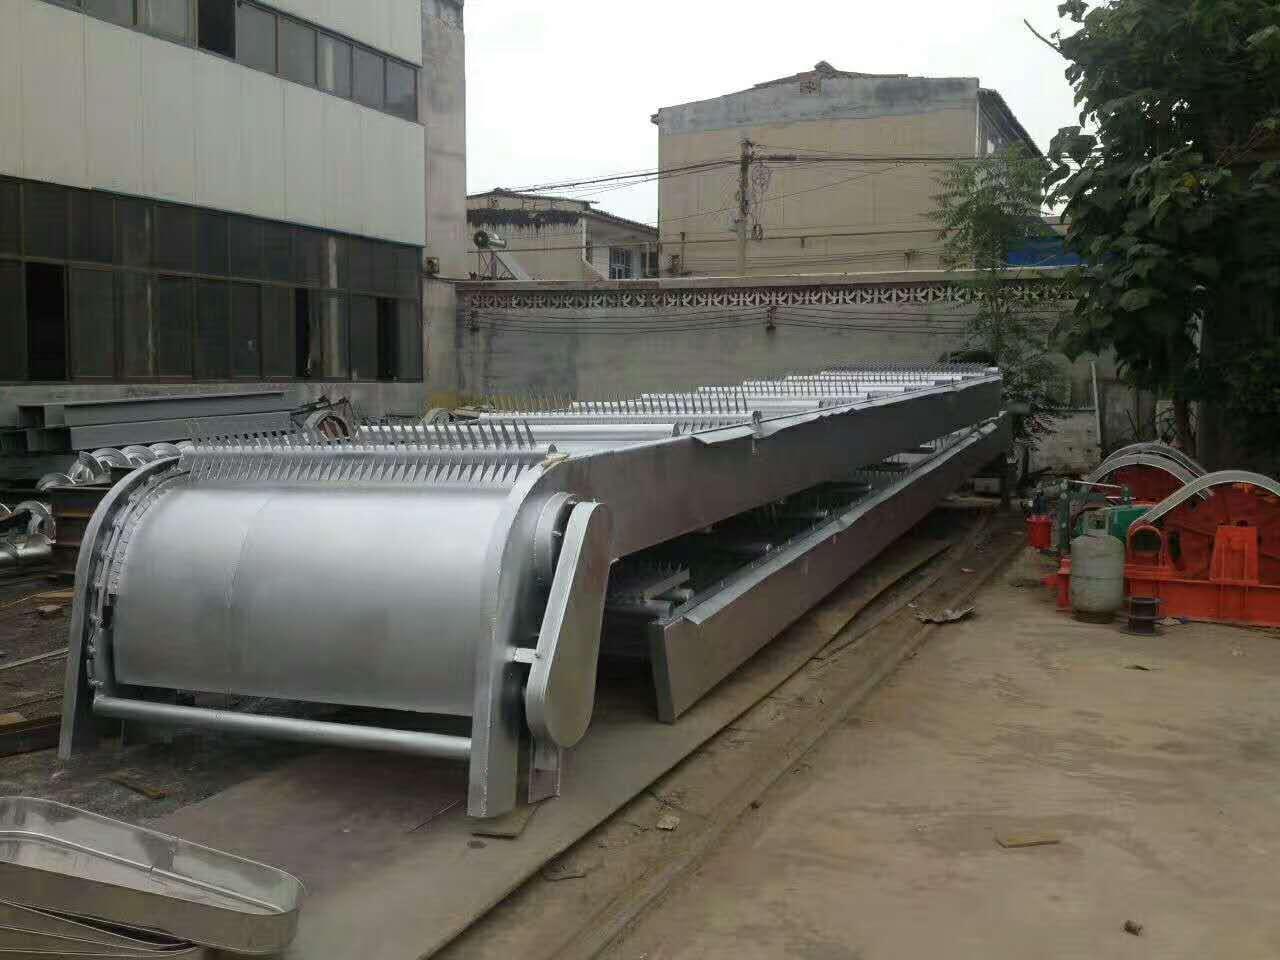 崇鵬水工機械廠專業生產啓閉機閘門清污機